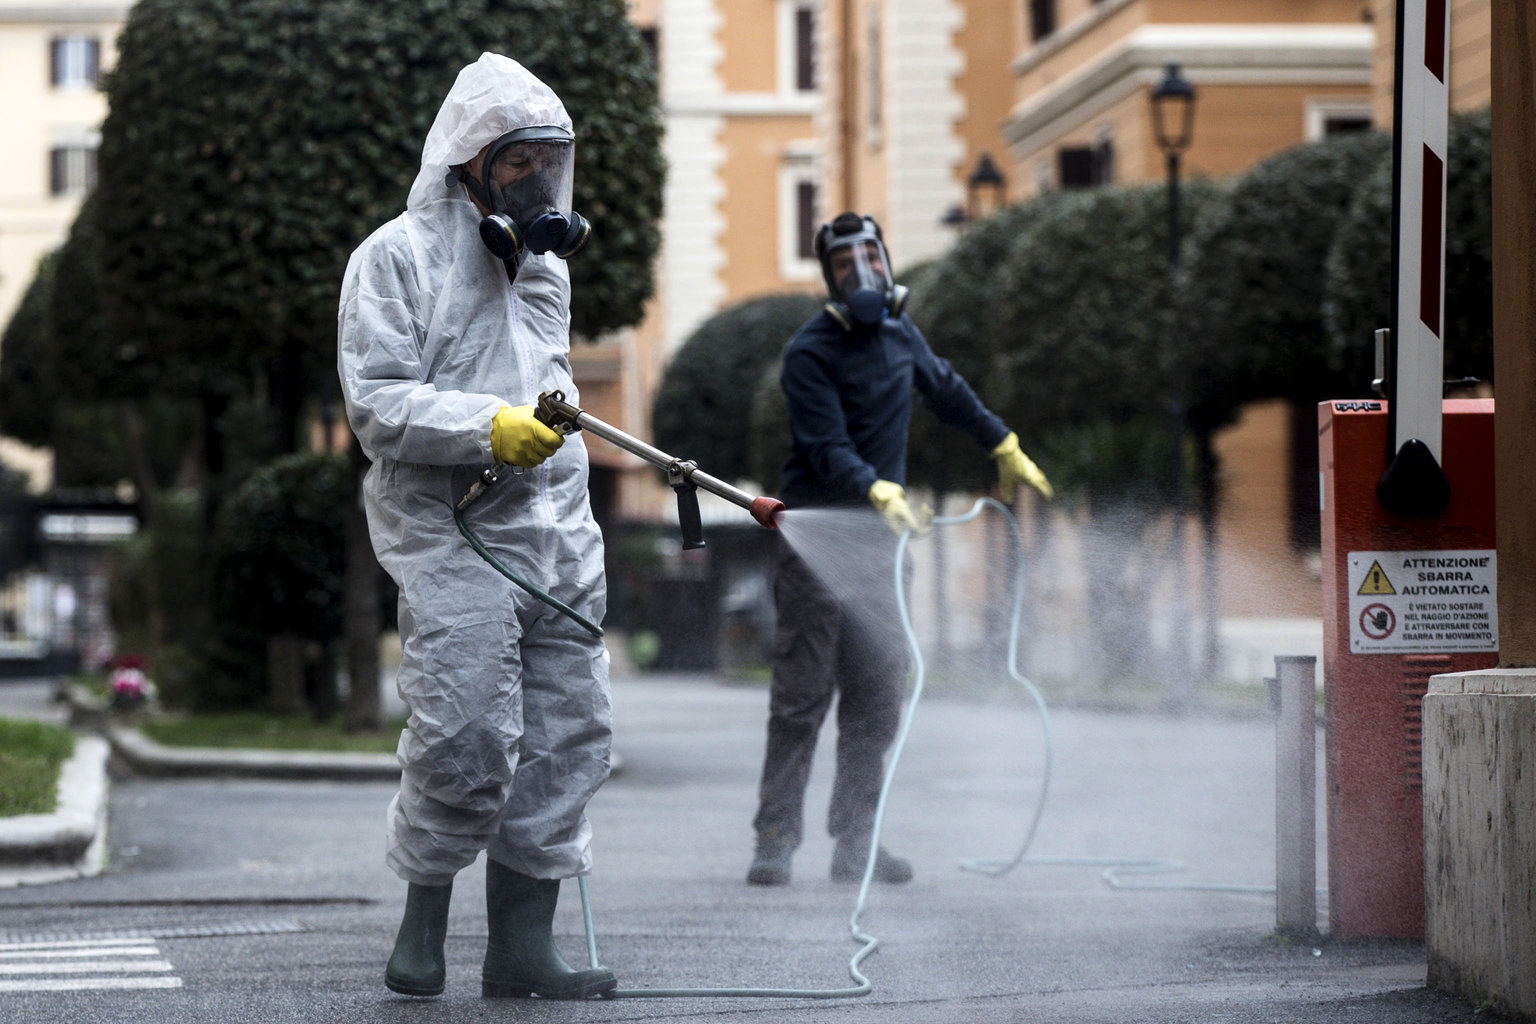 coronavirus italy cleaning